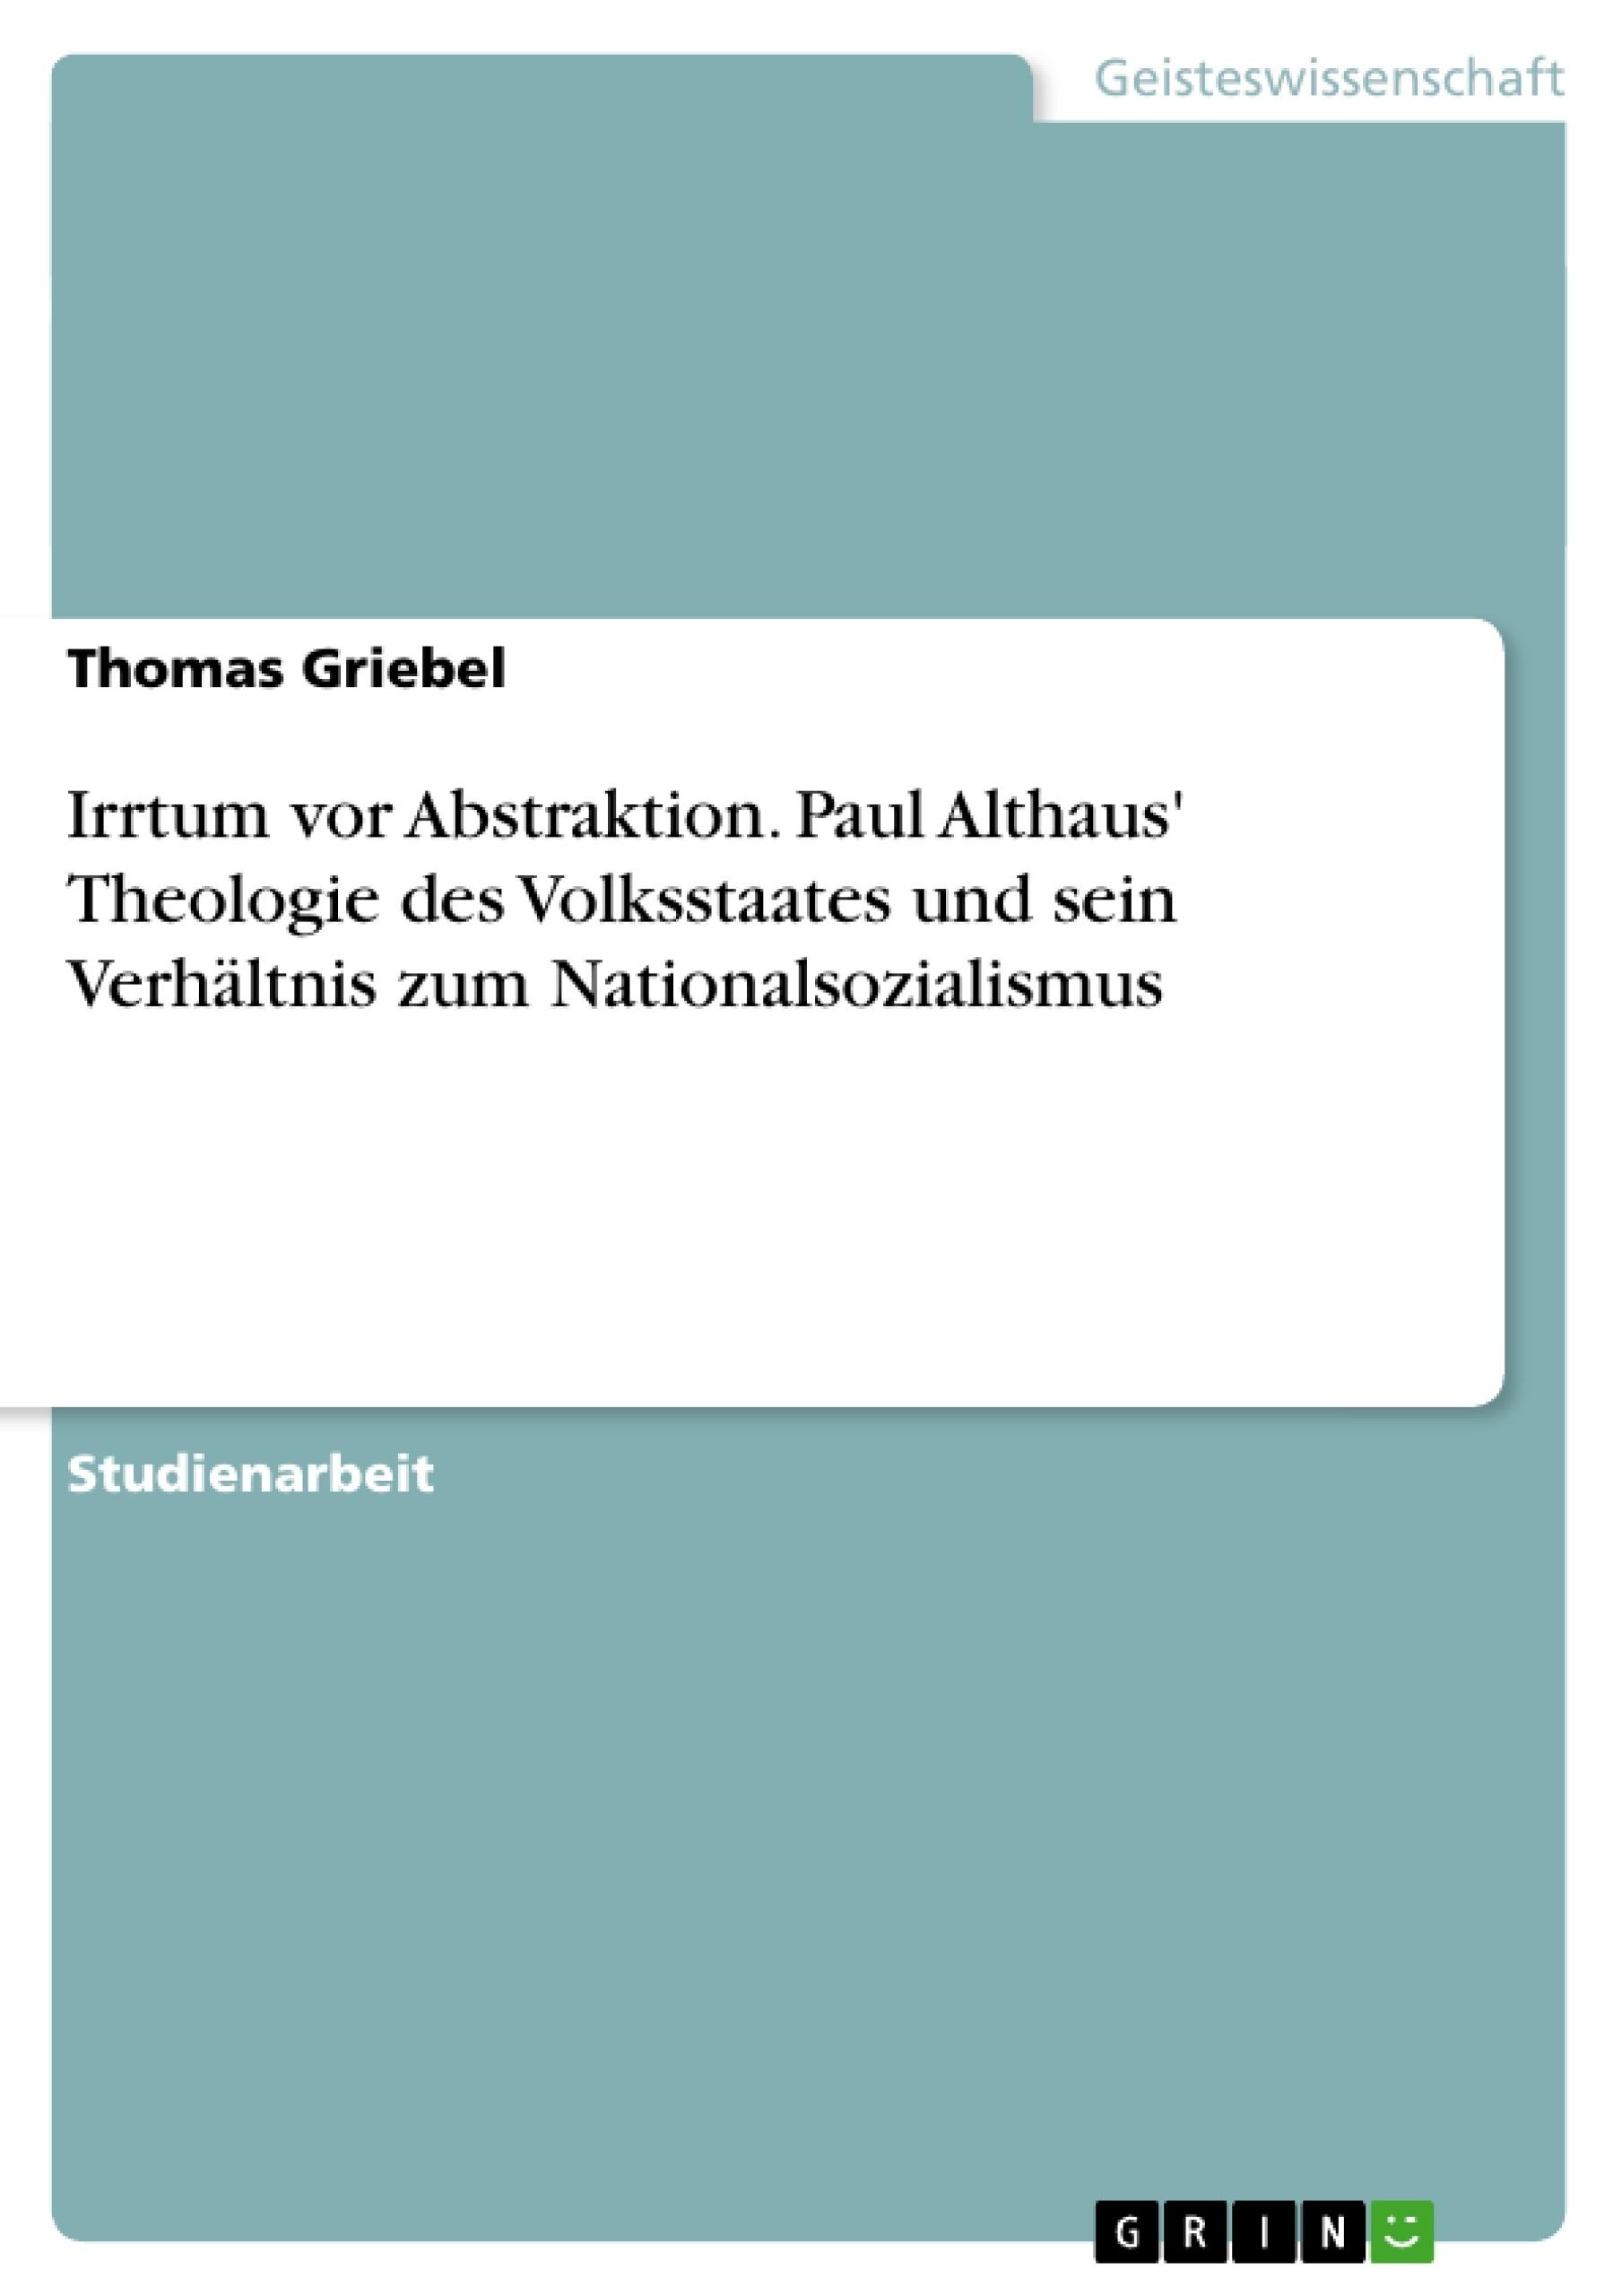 Titel: Irrtum vor Abstraktion. Paul Althaus' Theologie des Volksstaates und sein Verhältnis zum Nationalsozialismus